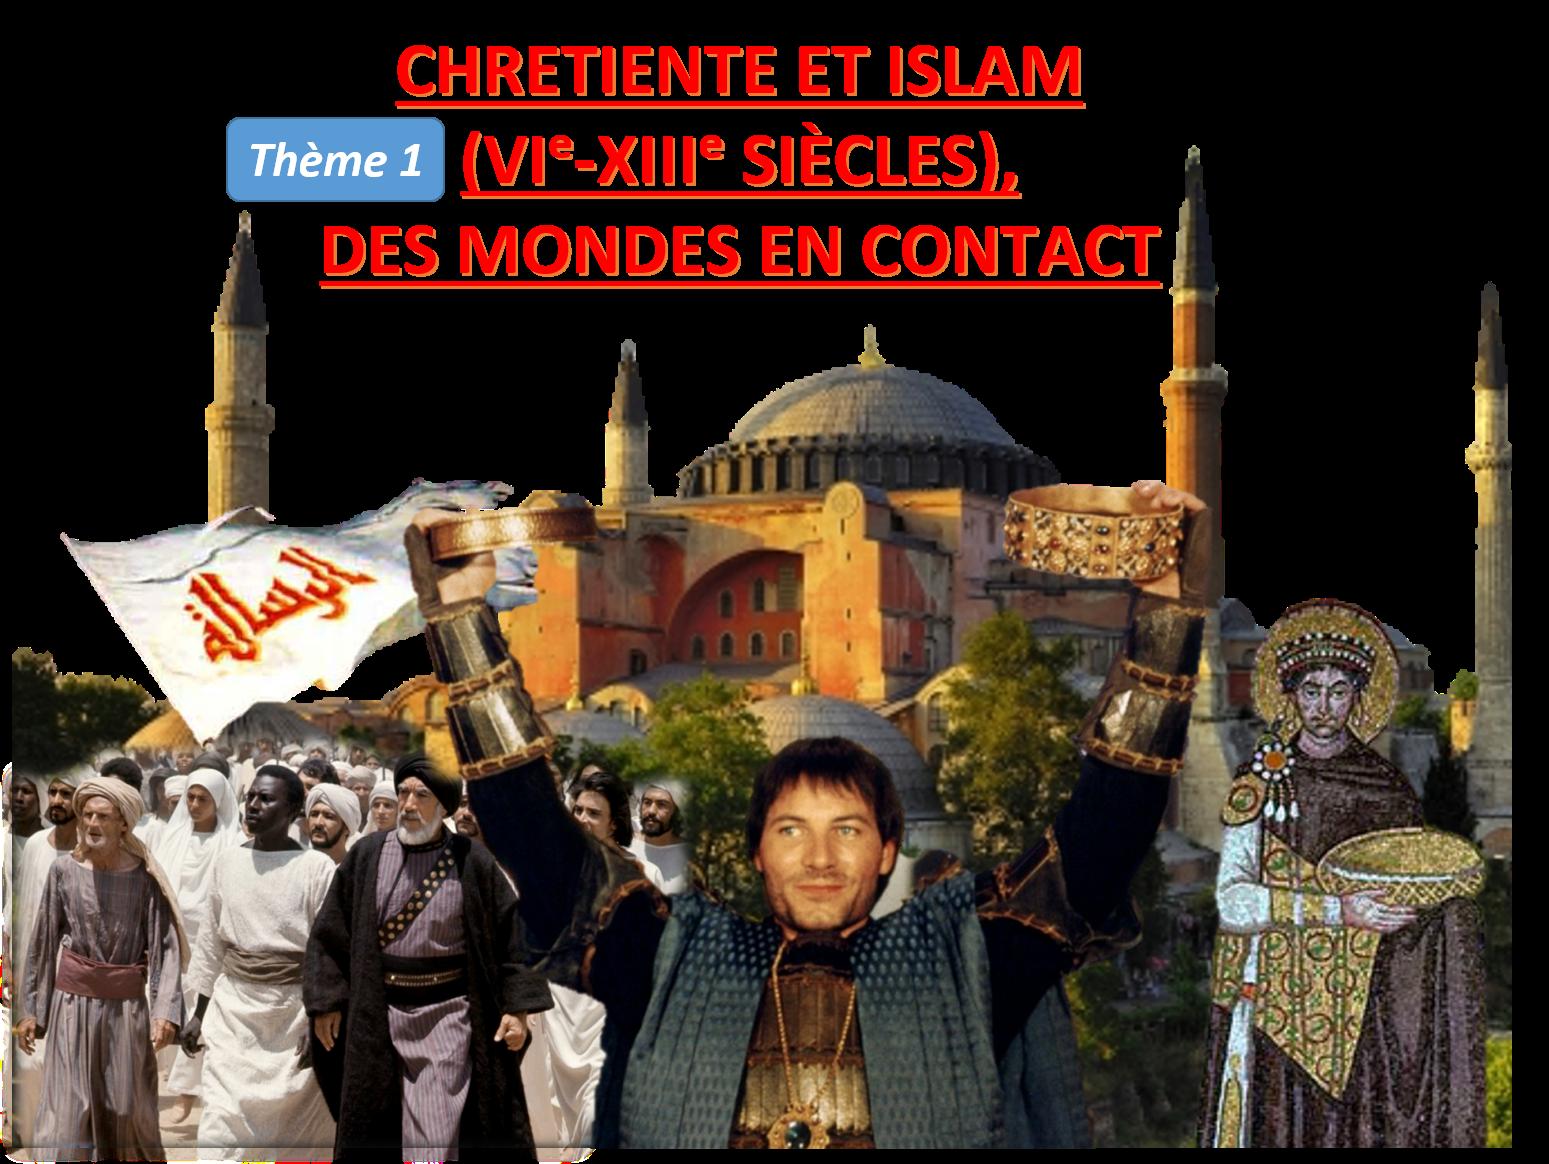 Image titre chretientie et islam